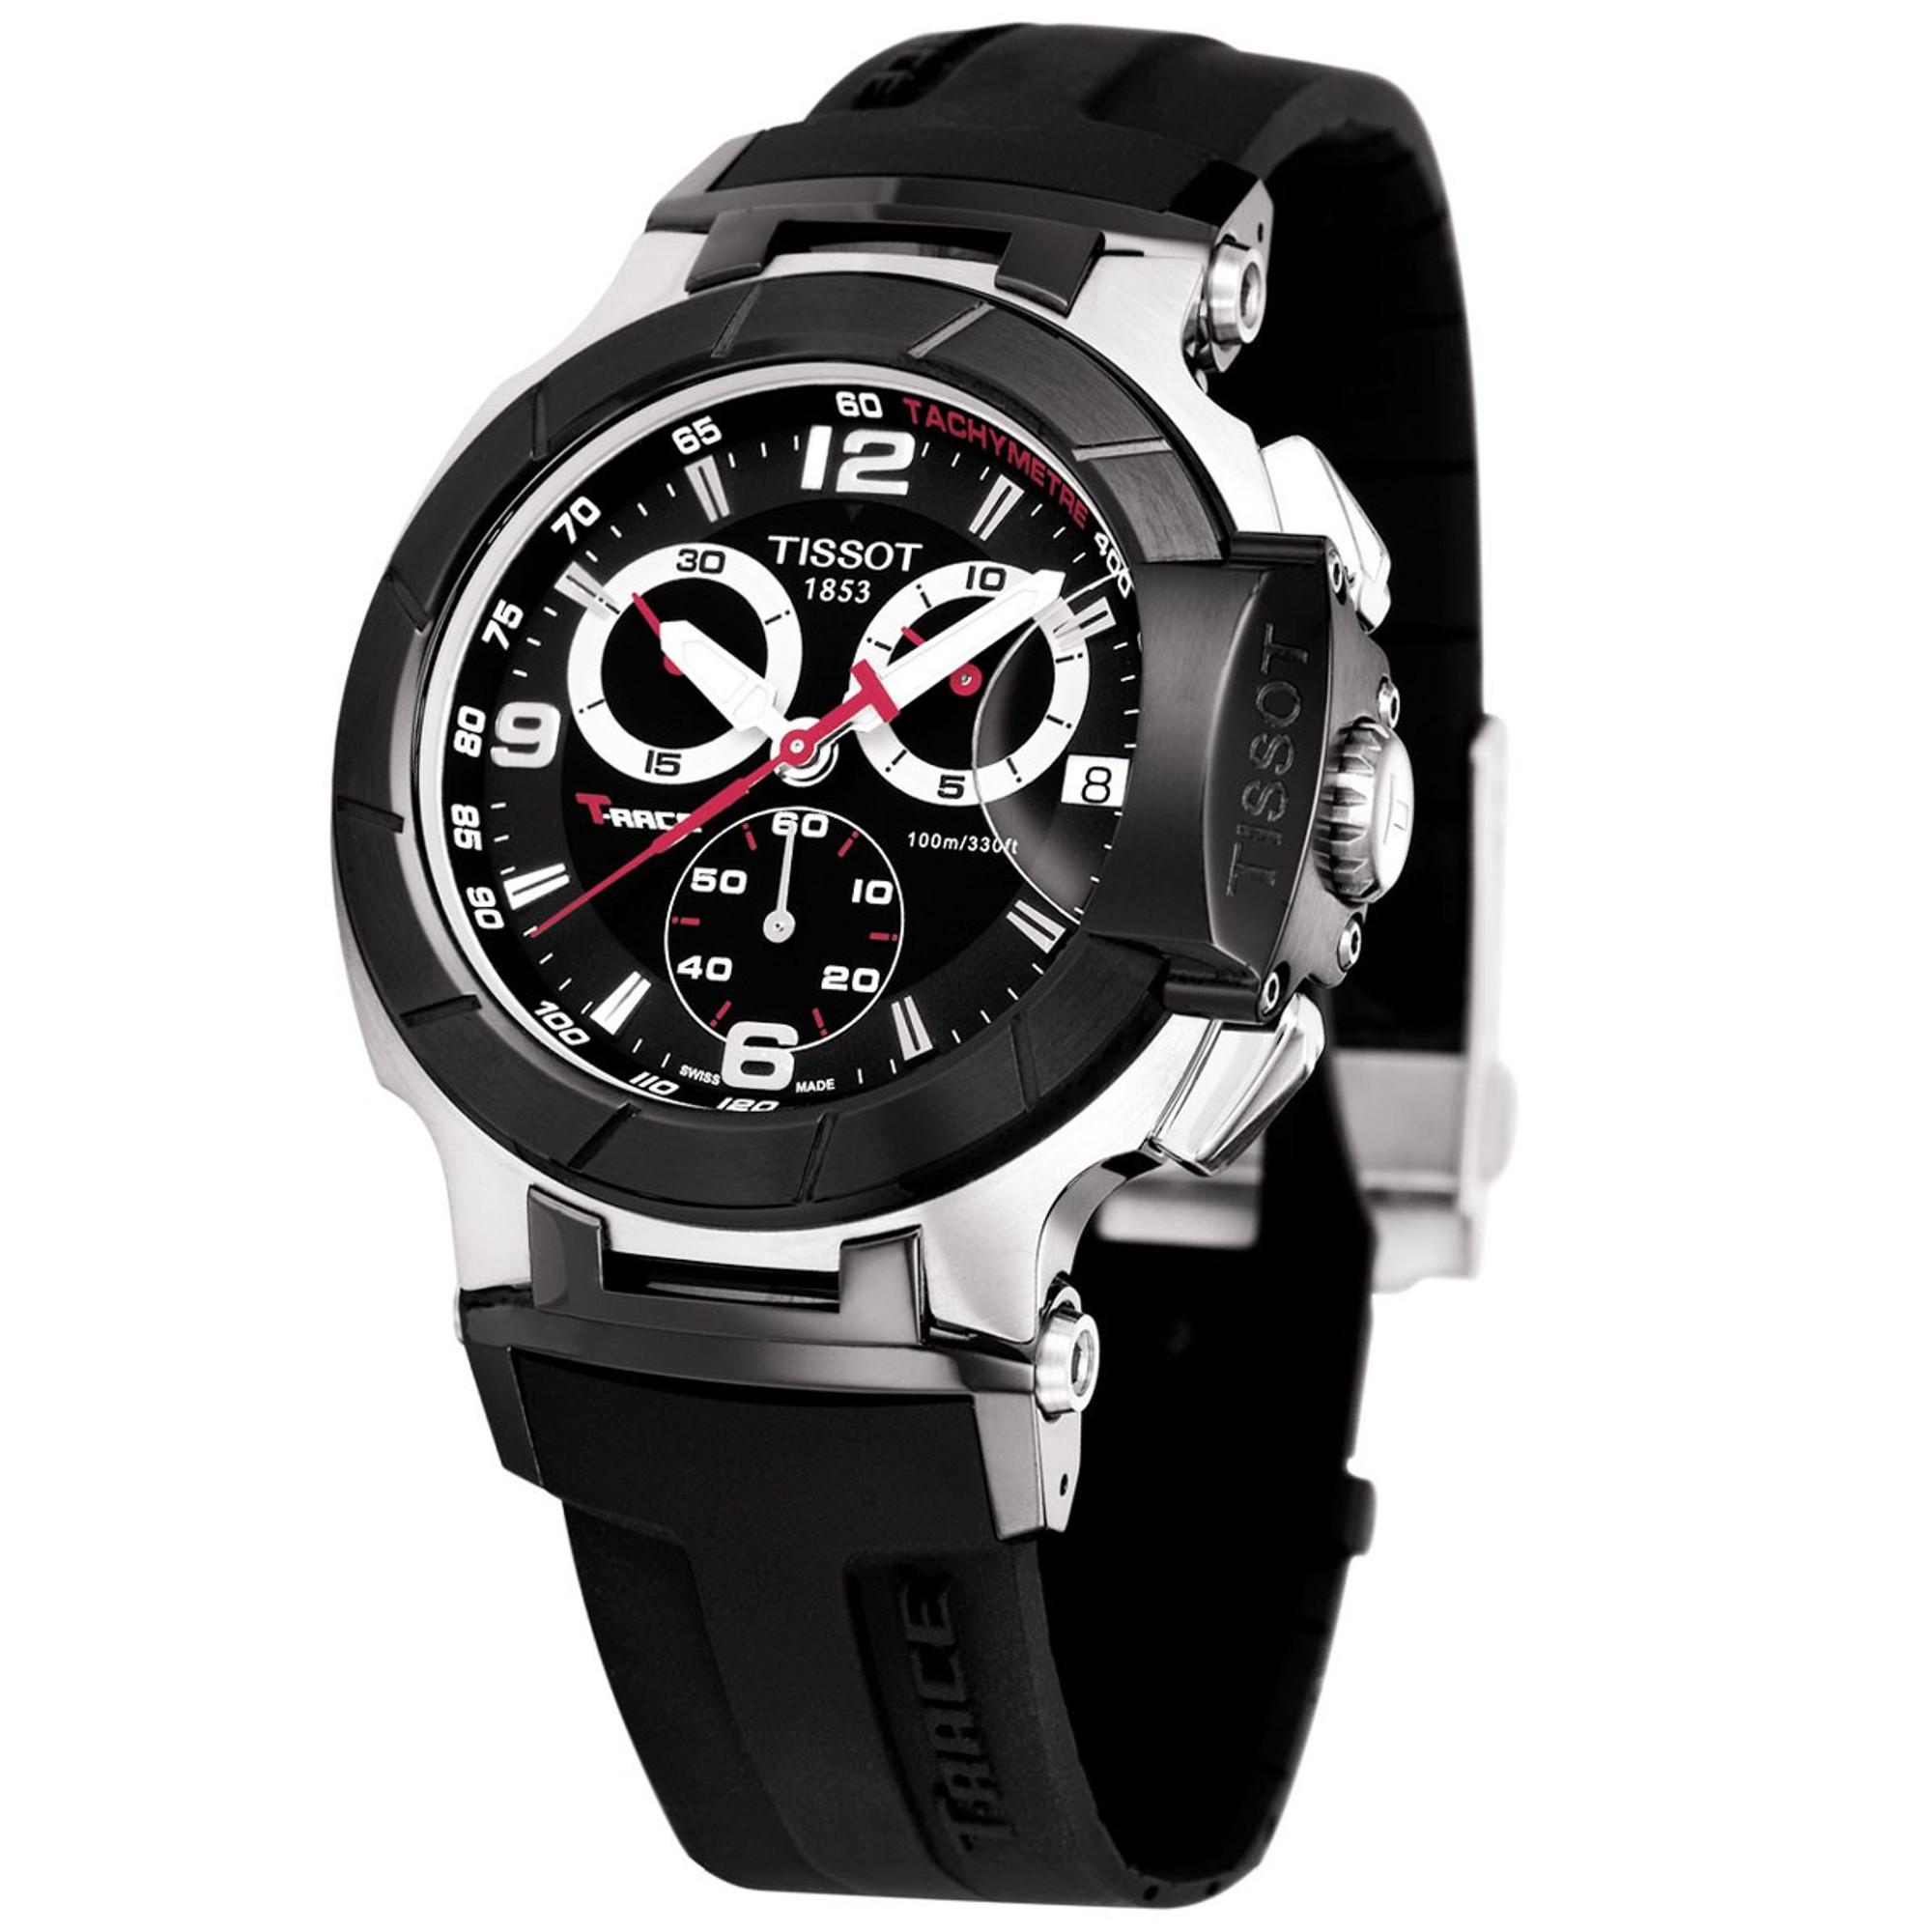 TISSOT T-Race Quarz Chronograph T048.417.27.057.00